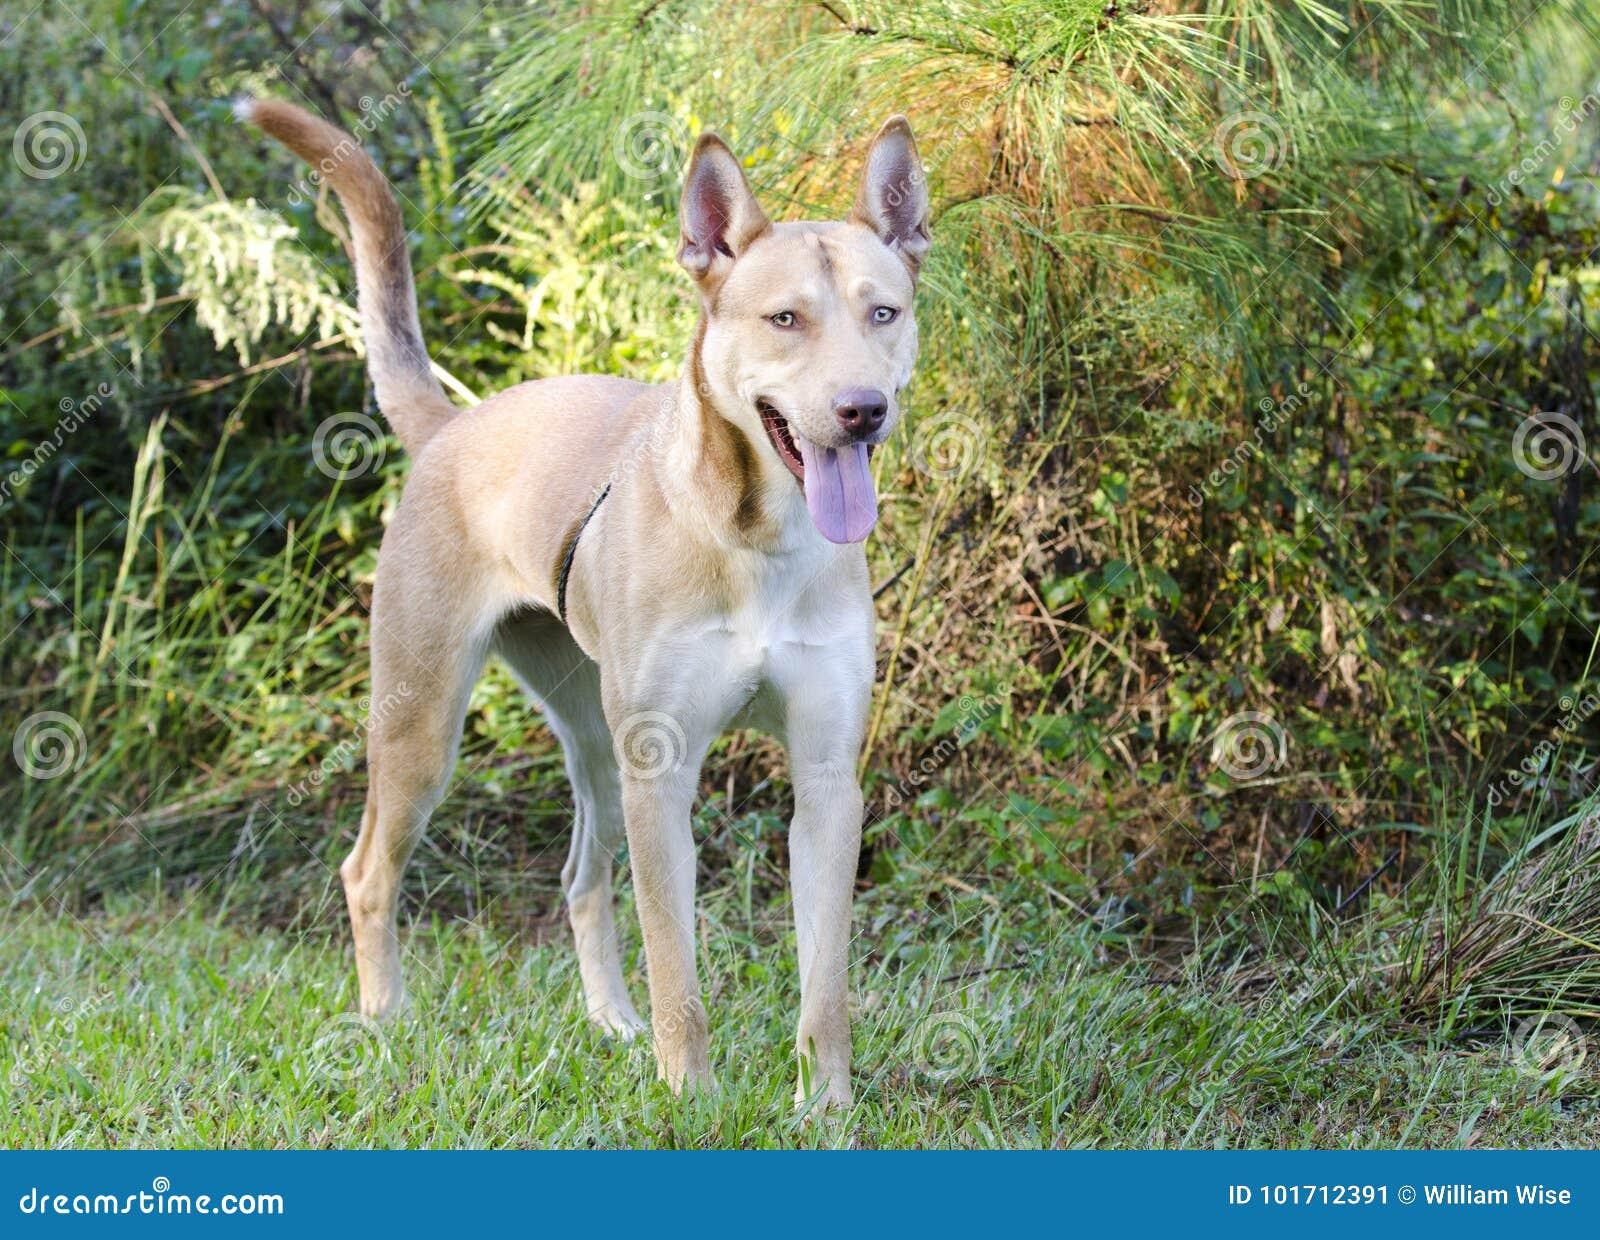 Pharaoh Hound Siberian Husky mixed breed dog